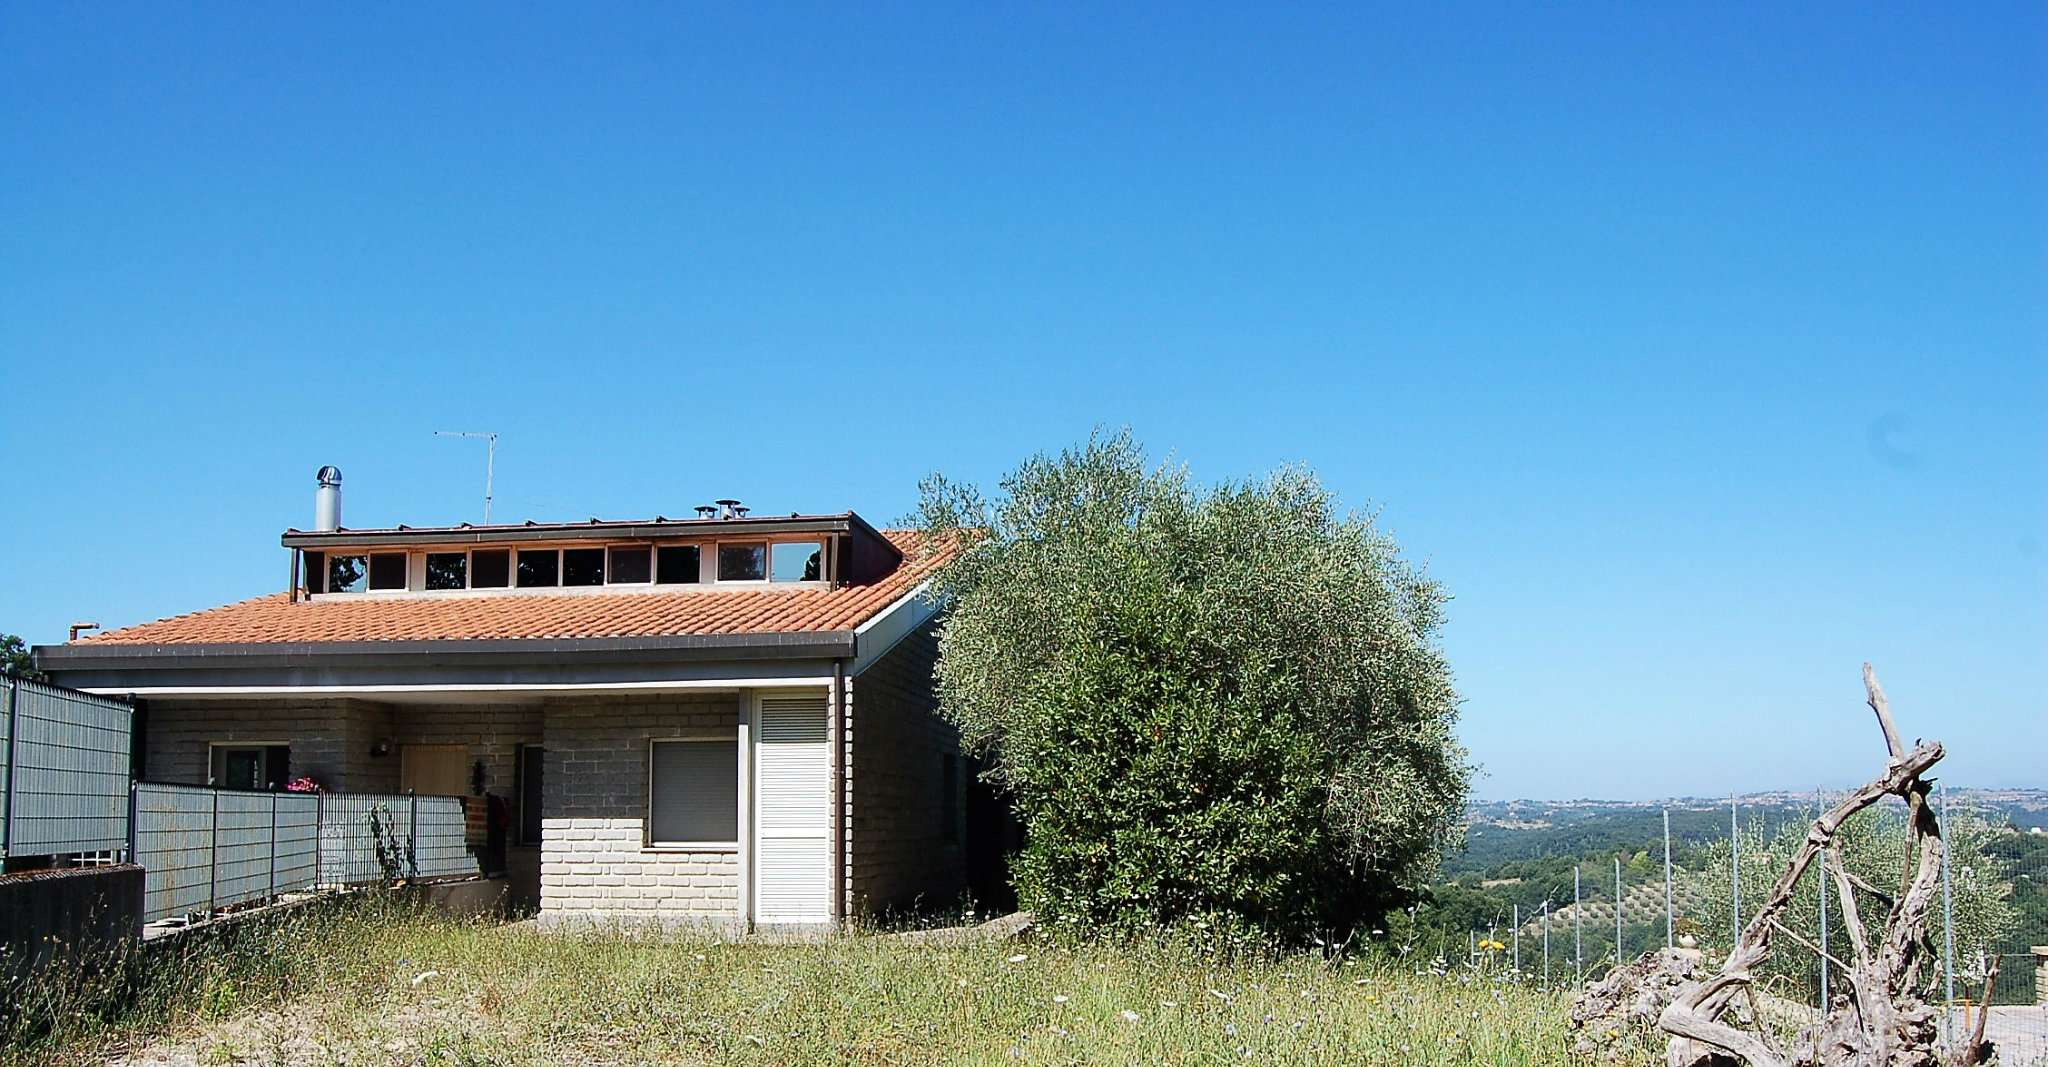 Villa in vendita a Fiano Romano, 6 locali, prezzo € 159.000 | Cambio Casa.it